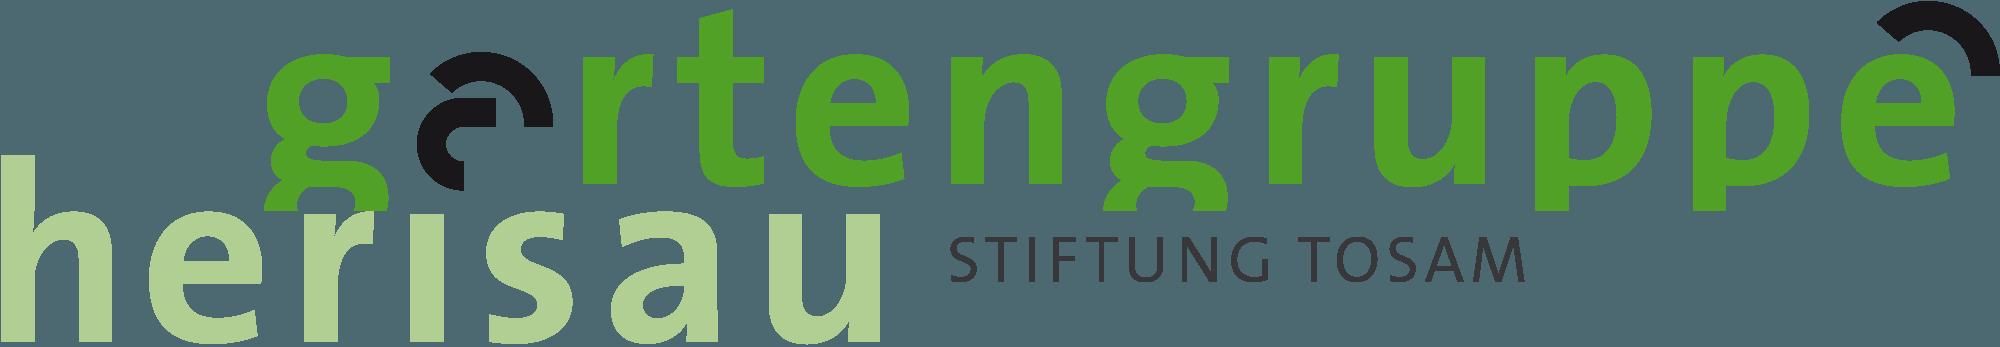 Gartengruppe Herisau Stiftung Tosam